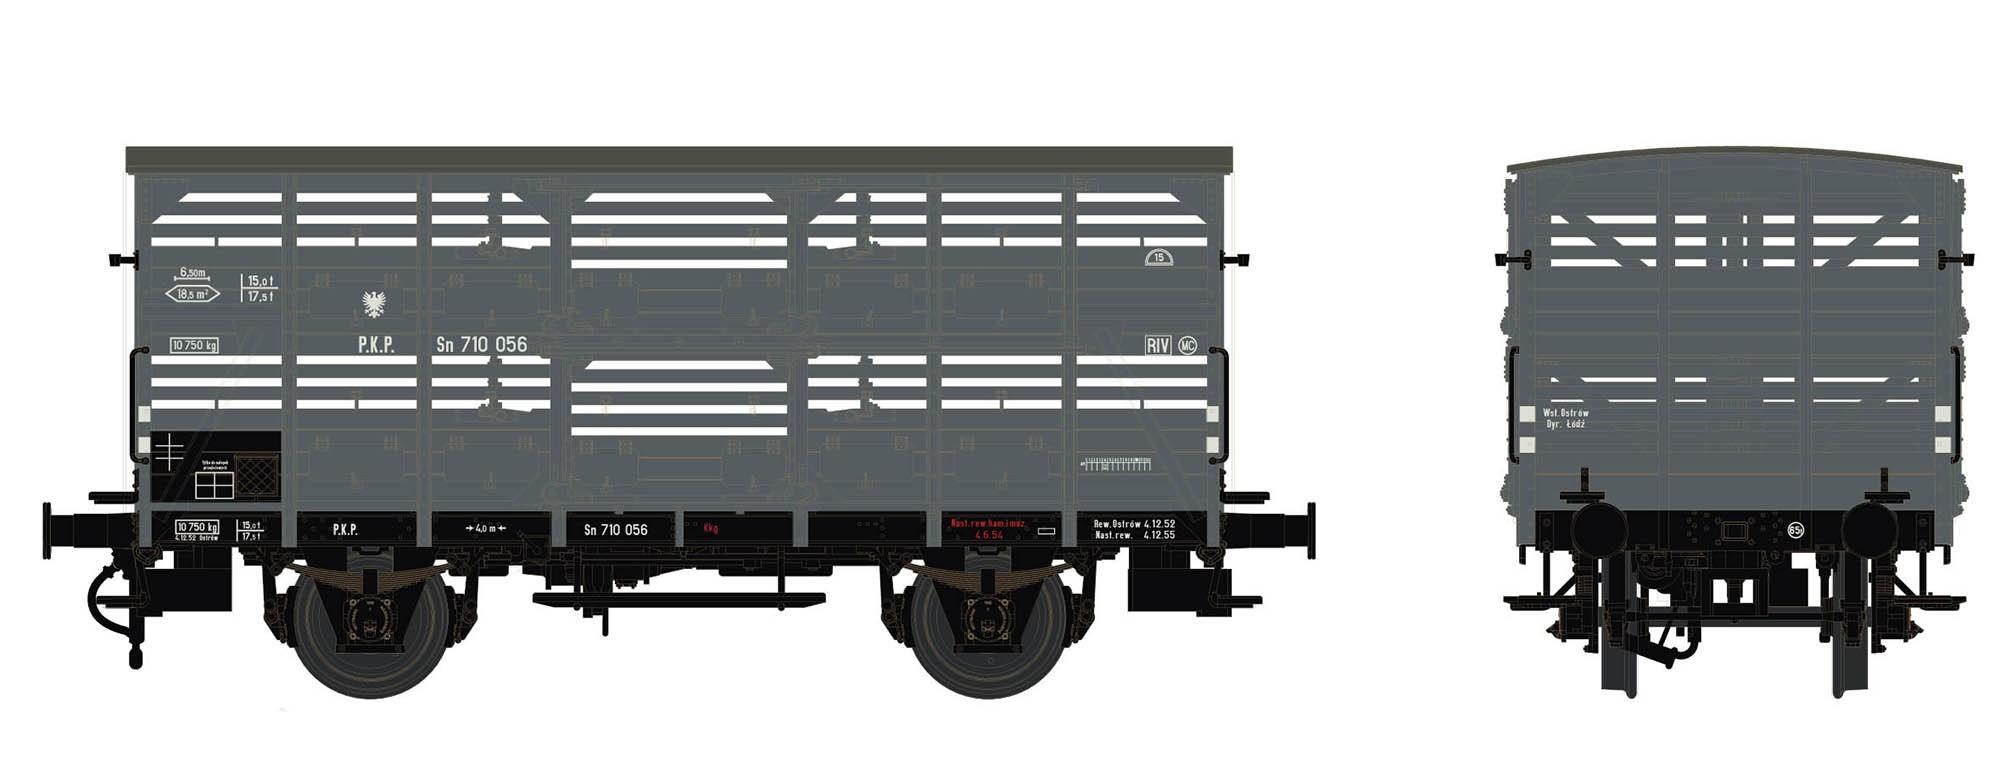 Wagenbausatz Verschlagwagen Vh14, PKP, Epoche III